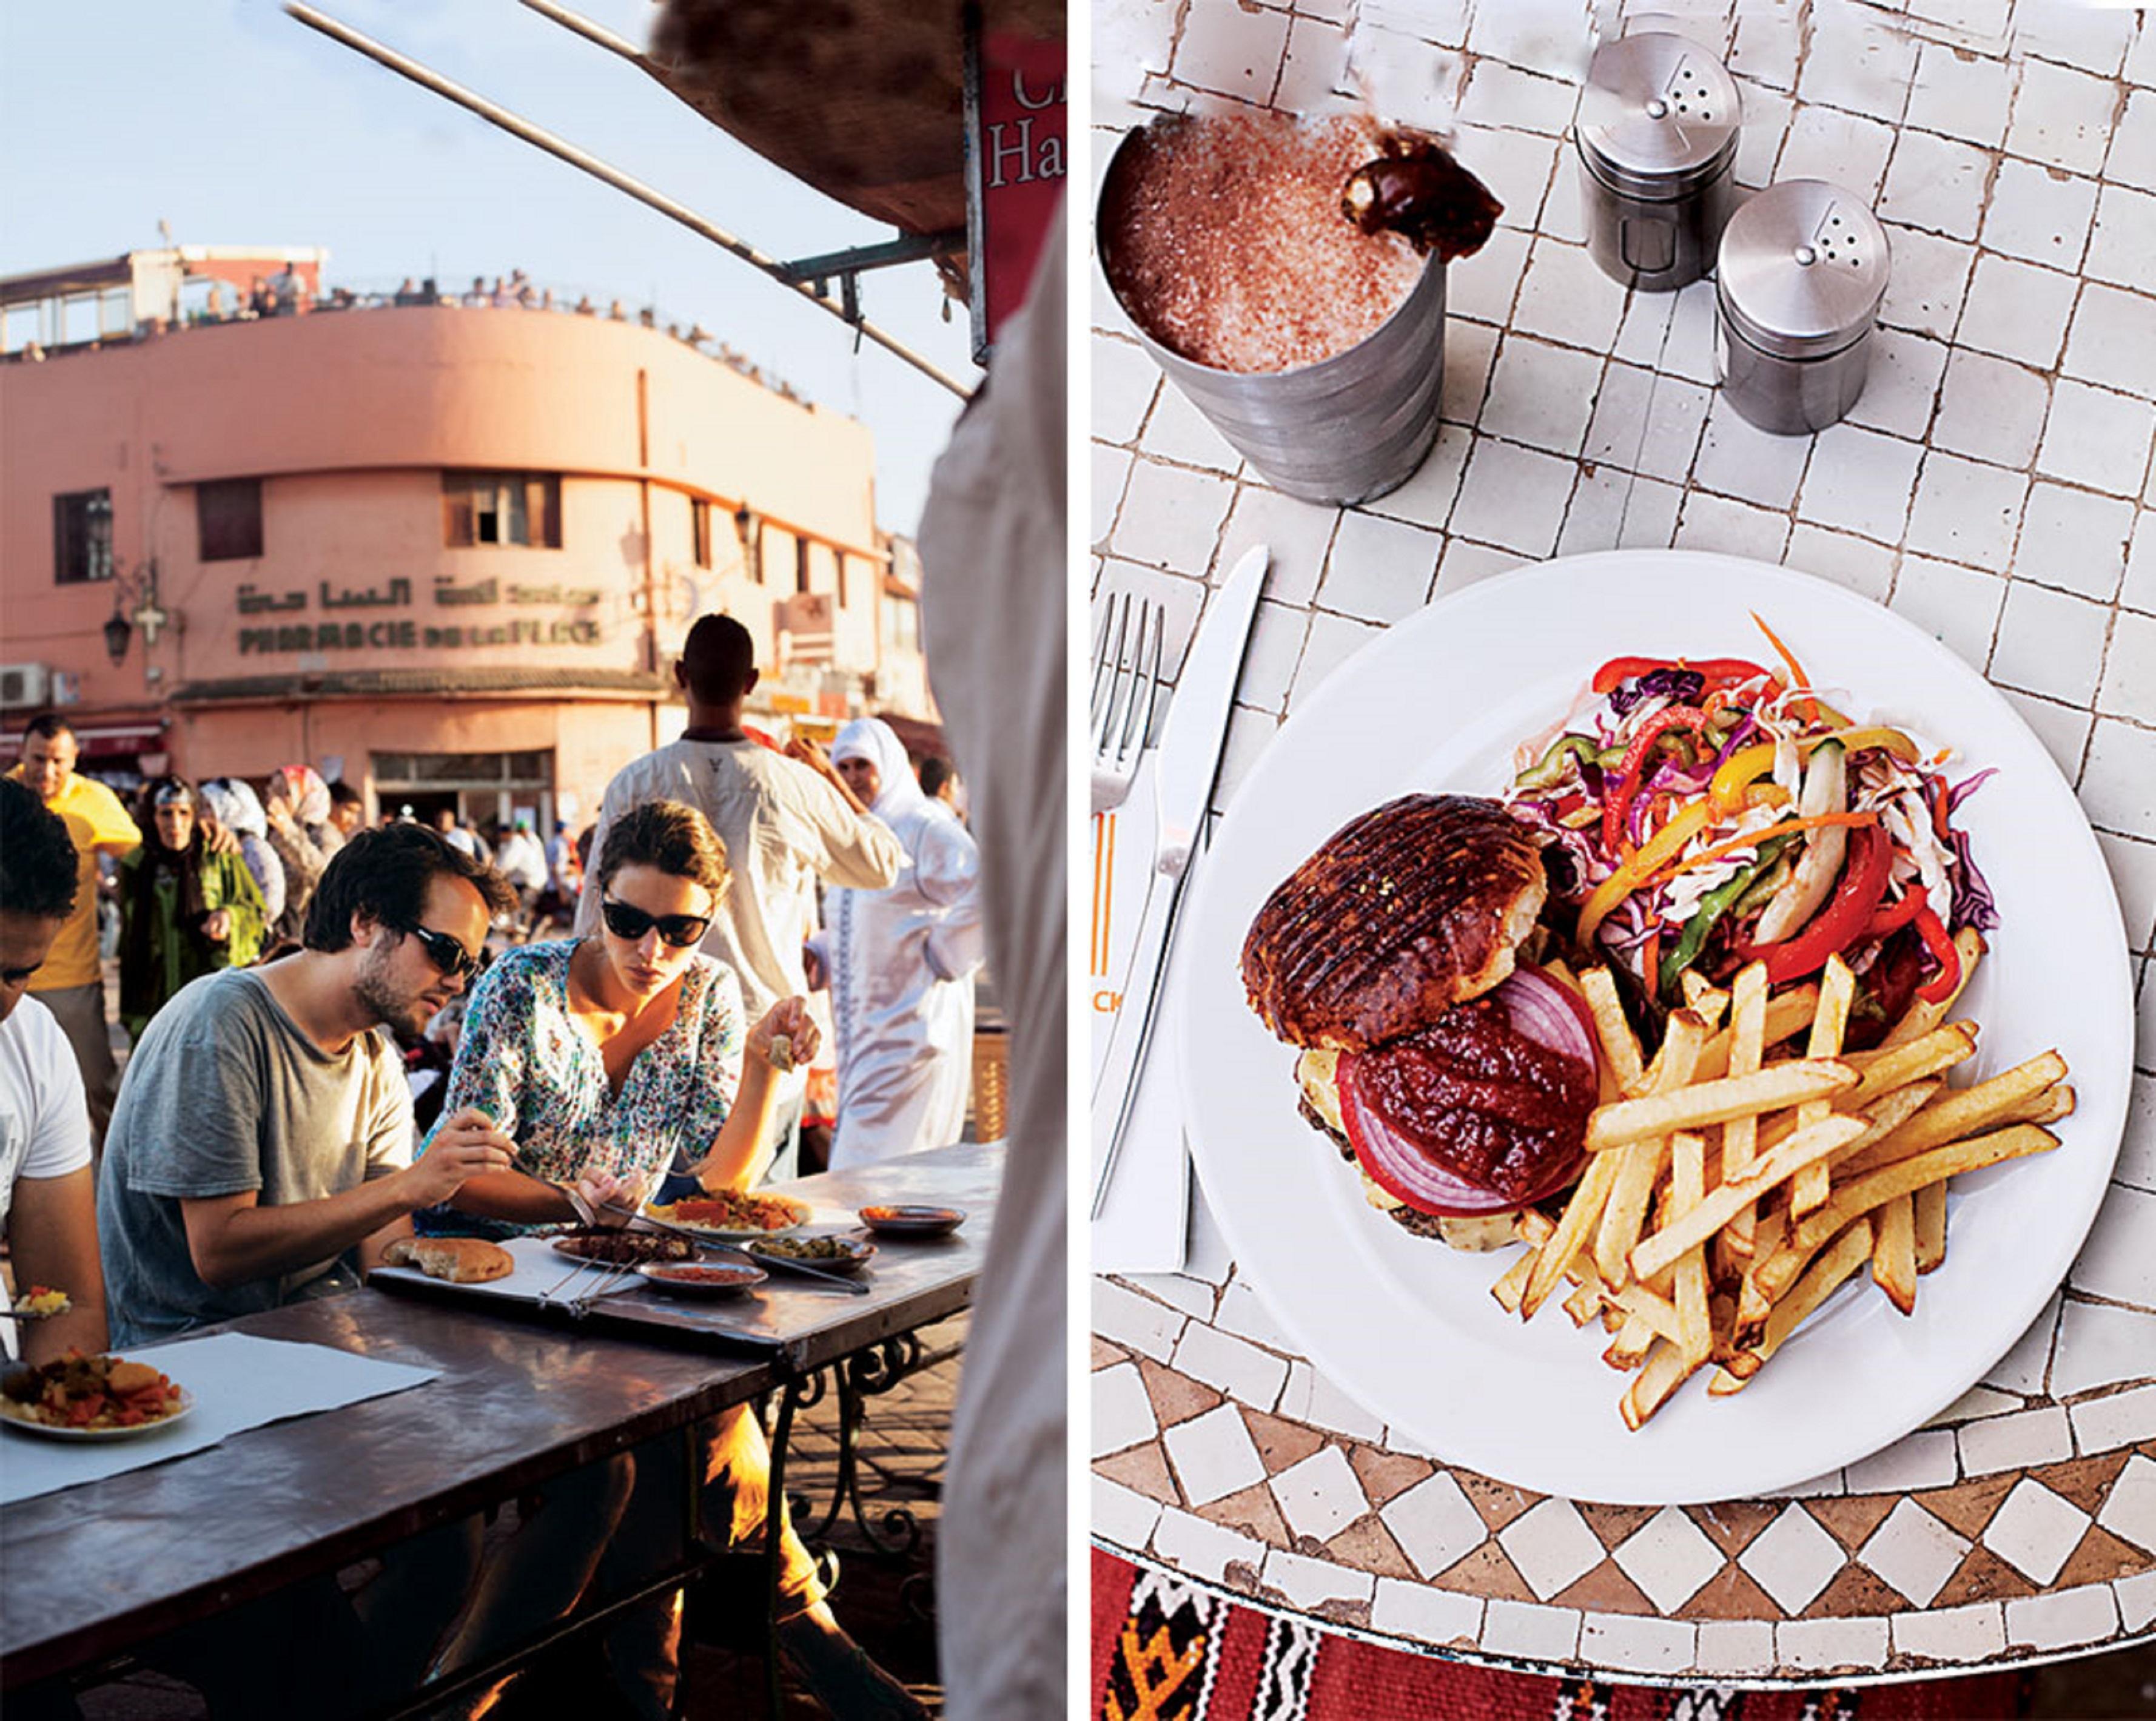 Food in Marrakech